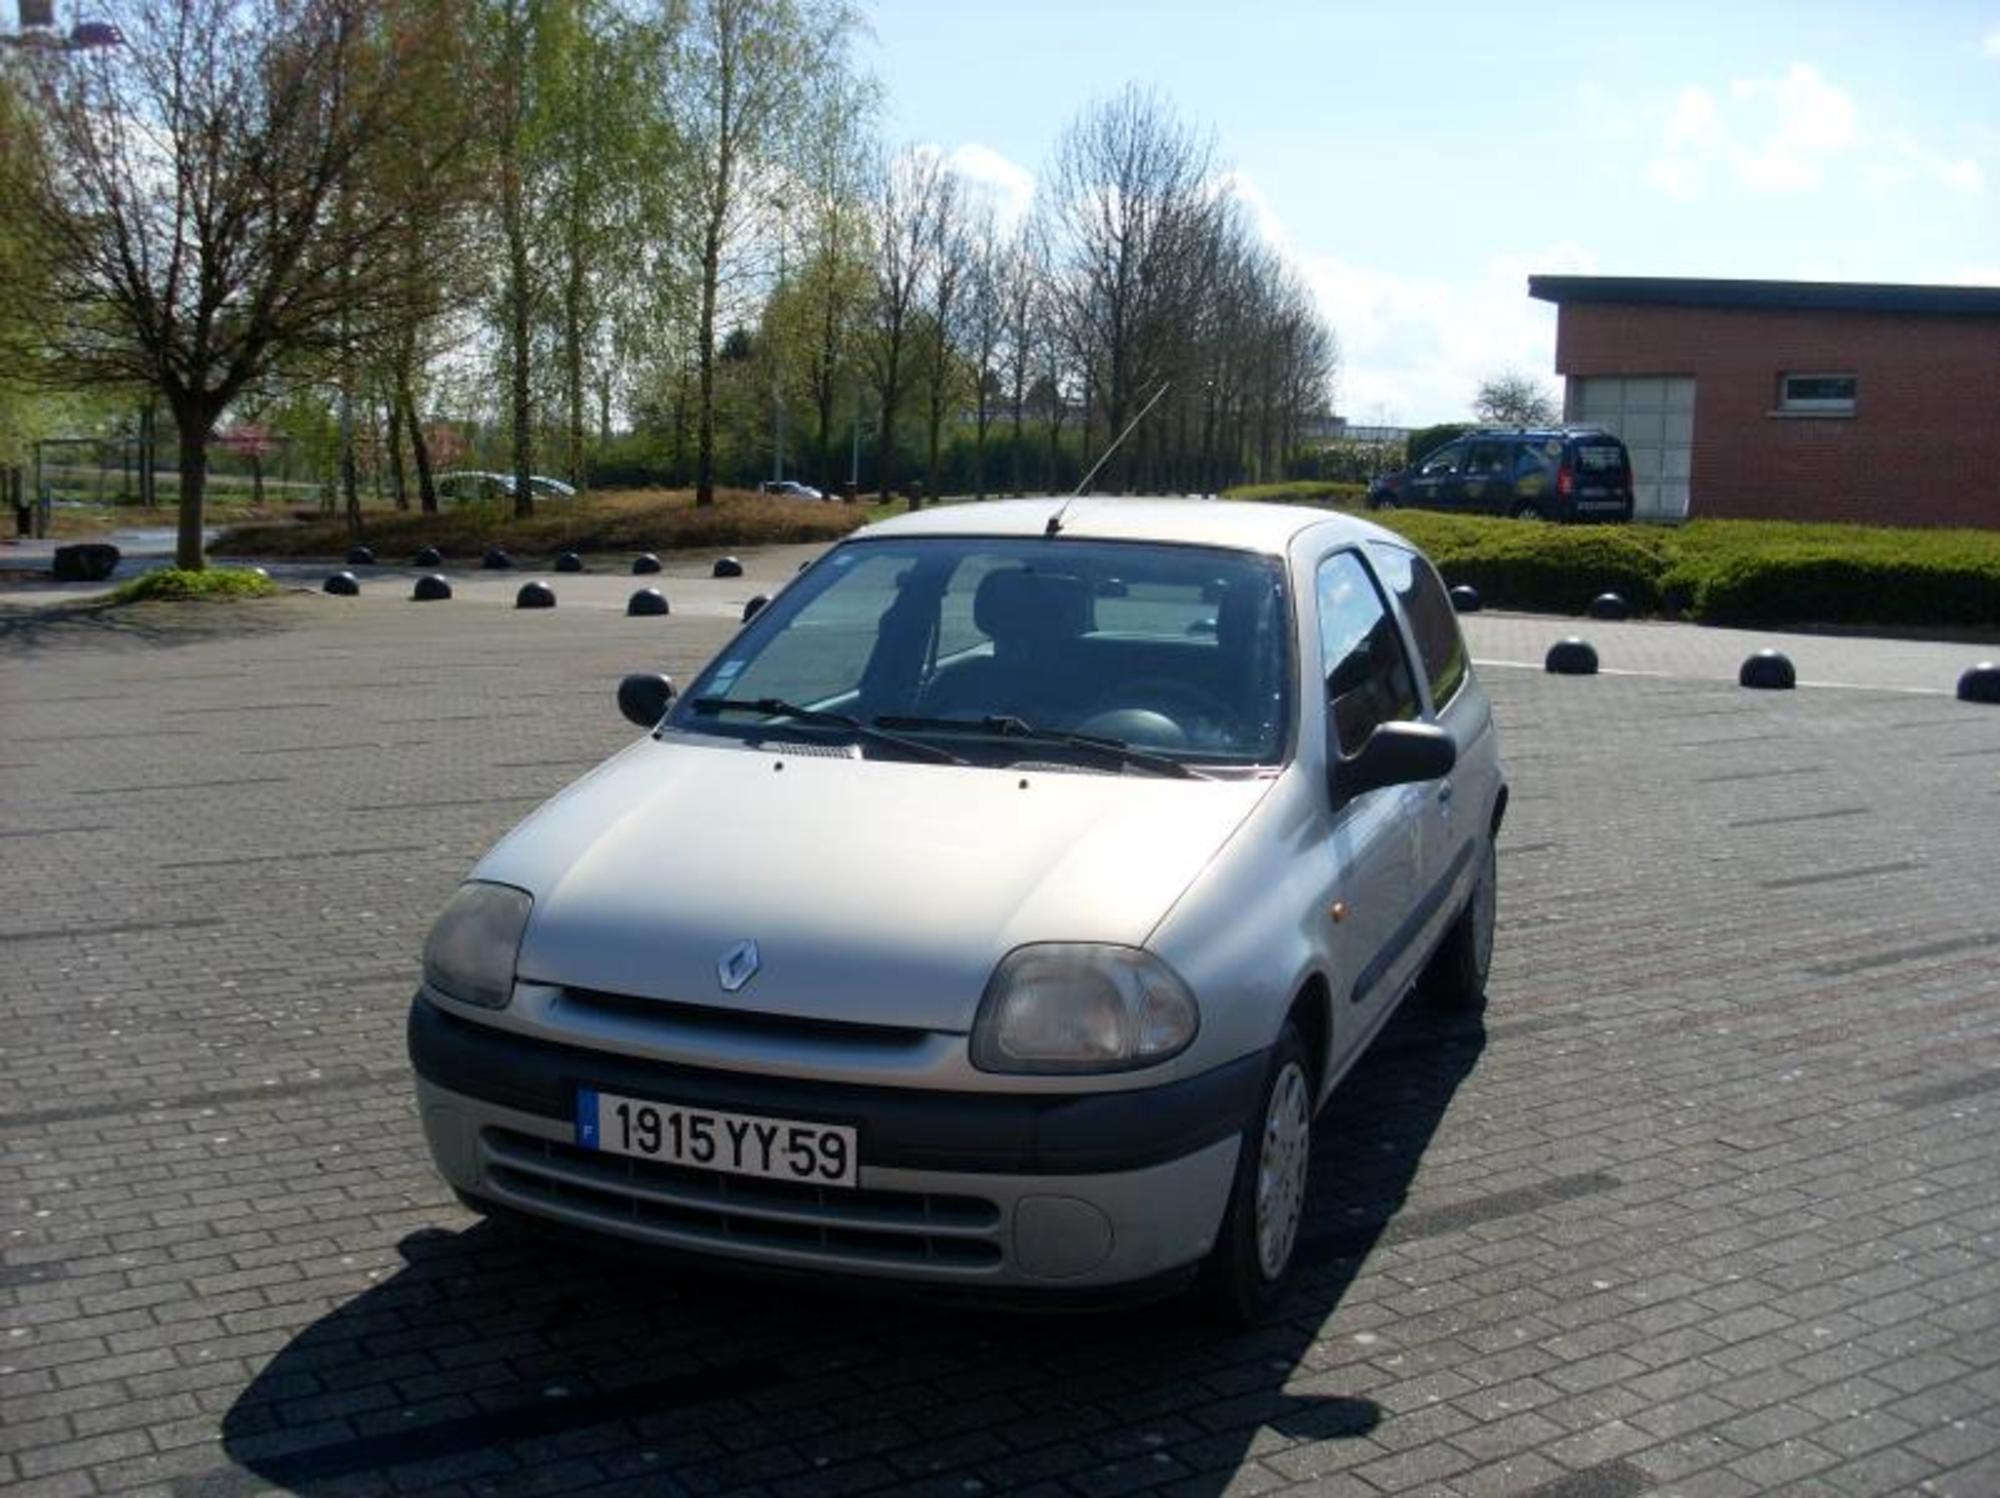 Renault clio essence 3 portes 5 places voiture d 39 occasion aux ench res agorastore - Voiture 3 portes ou 5 portes ...